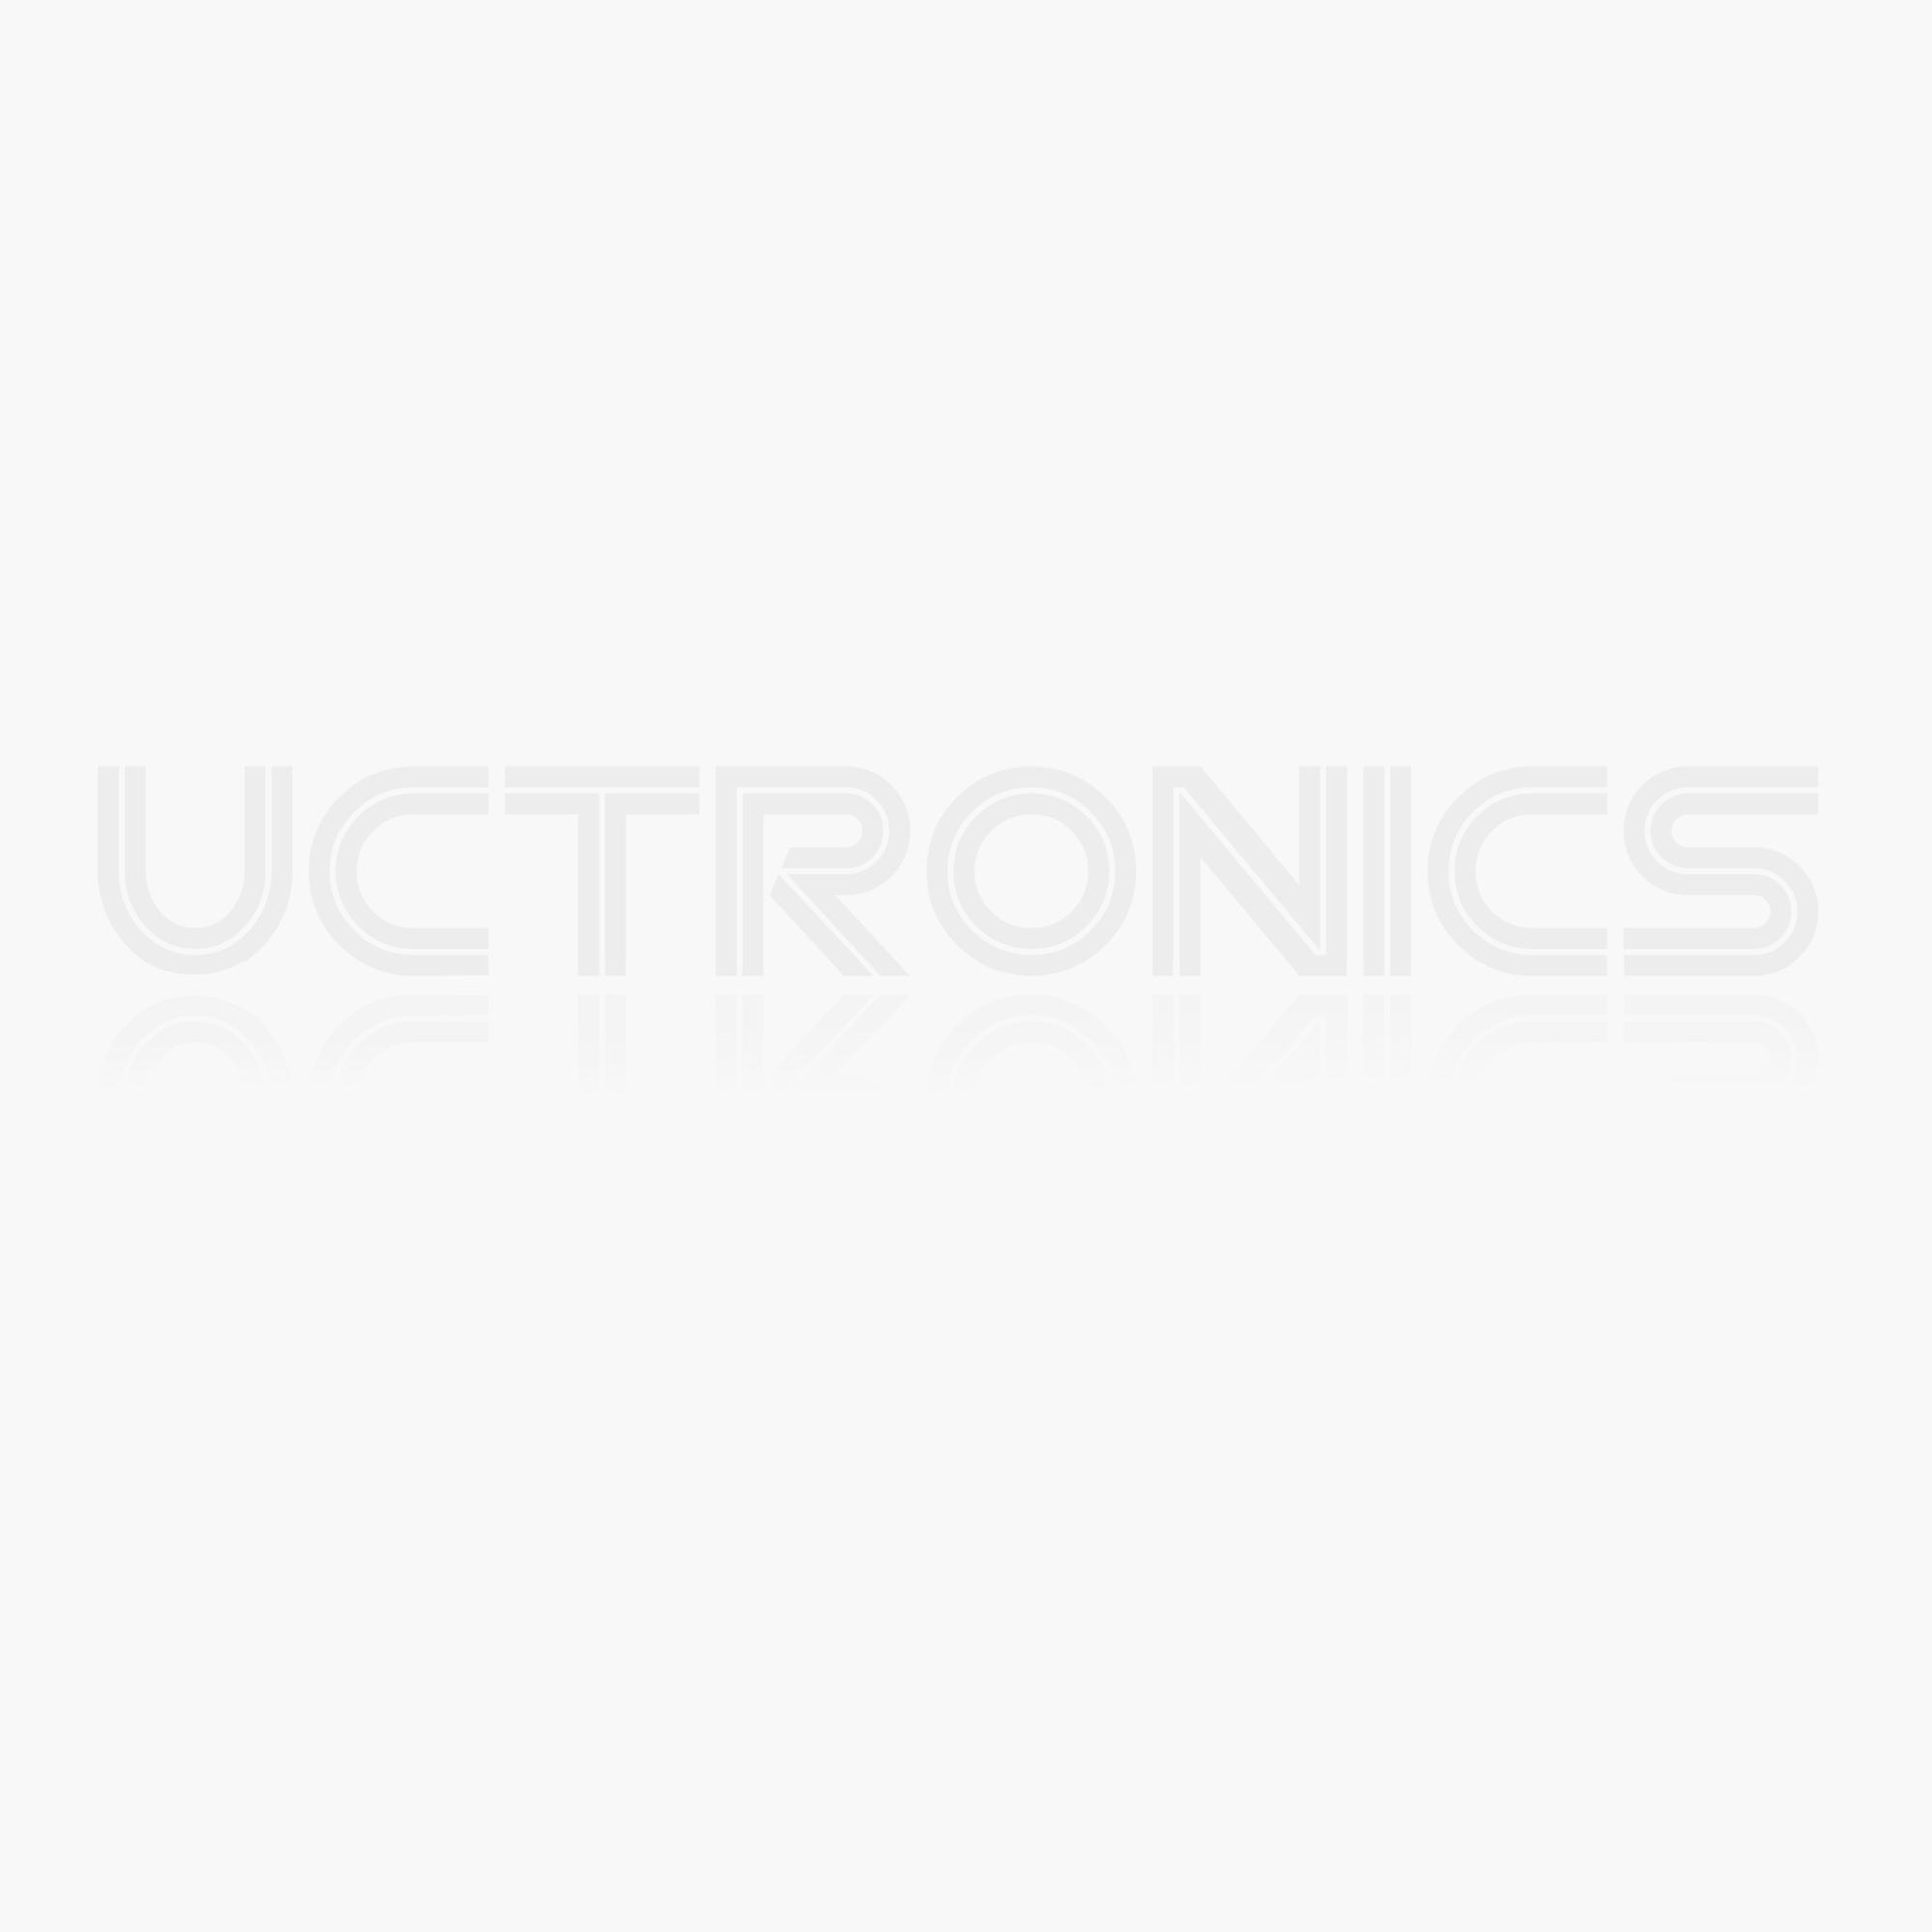 LM35D Precision Centigrade Temperature Sensor